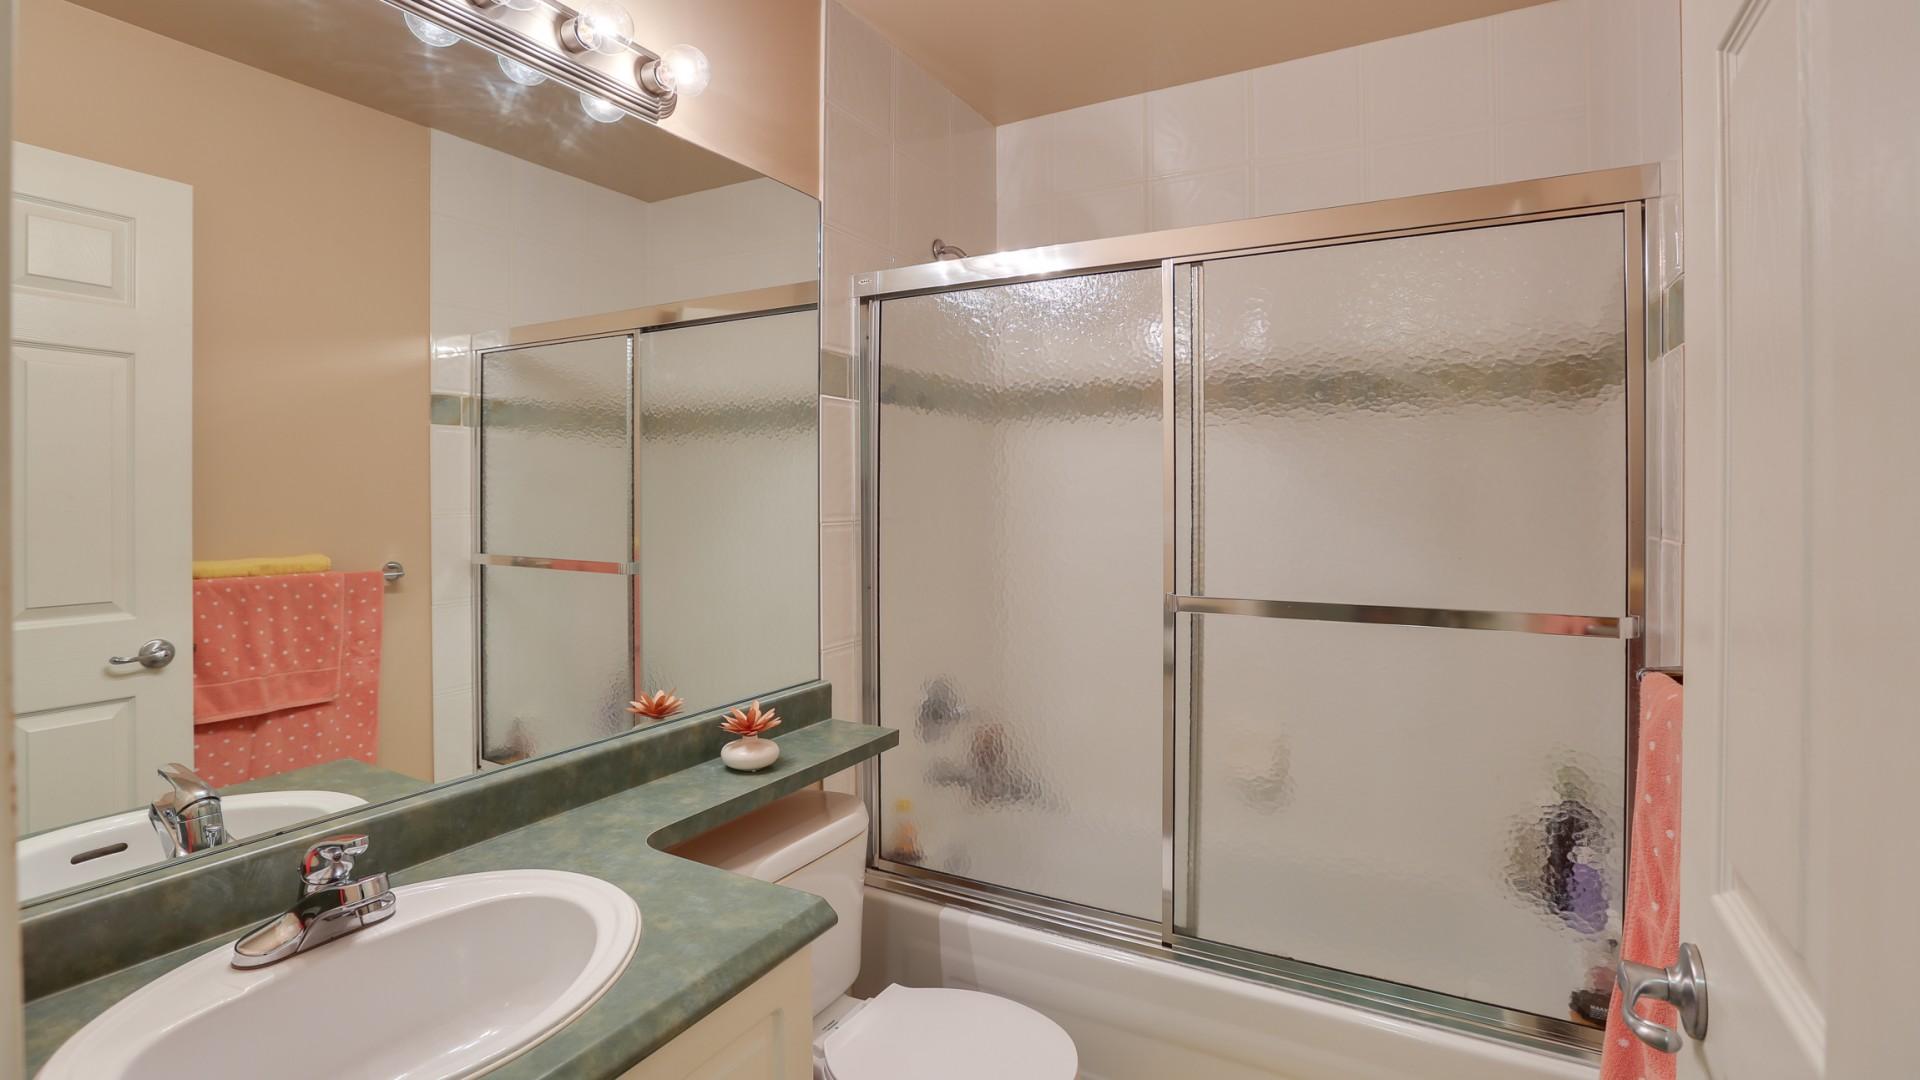 241 bath-FS Bath